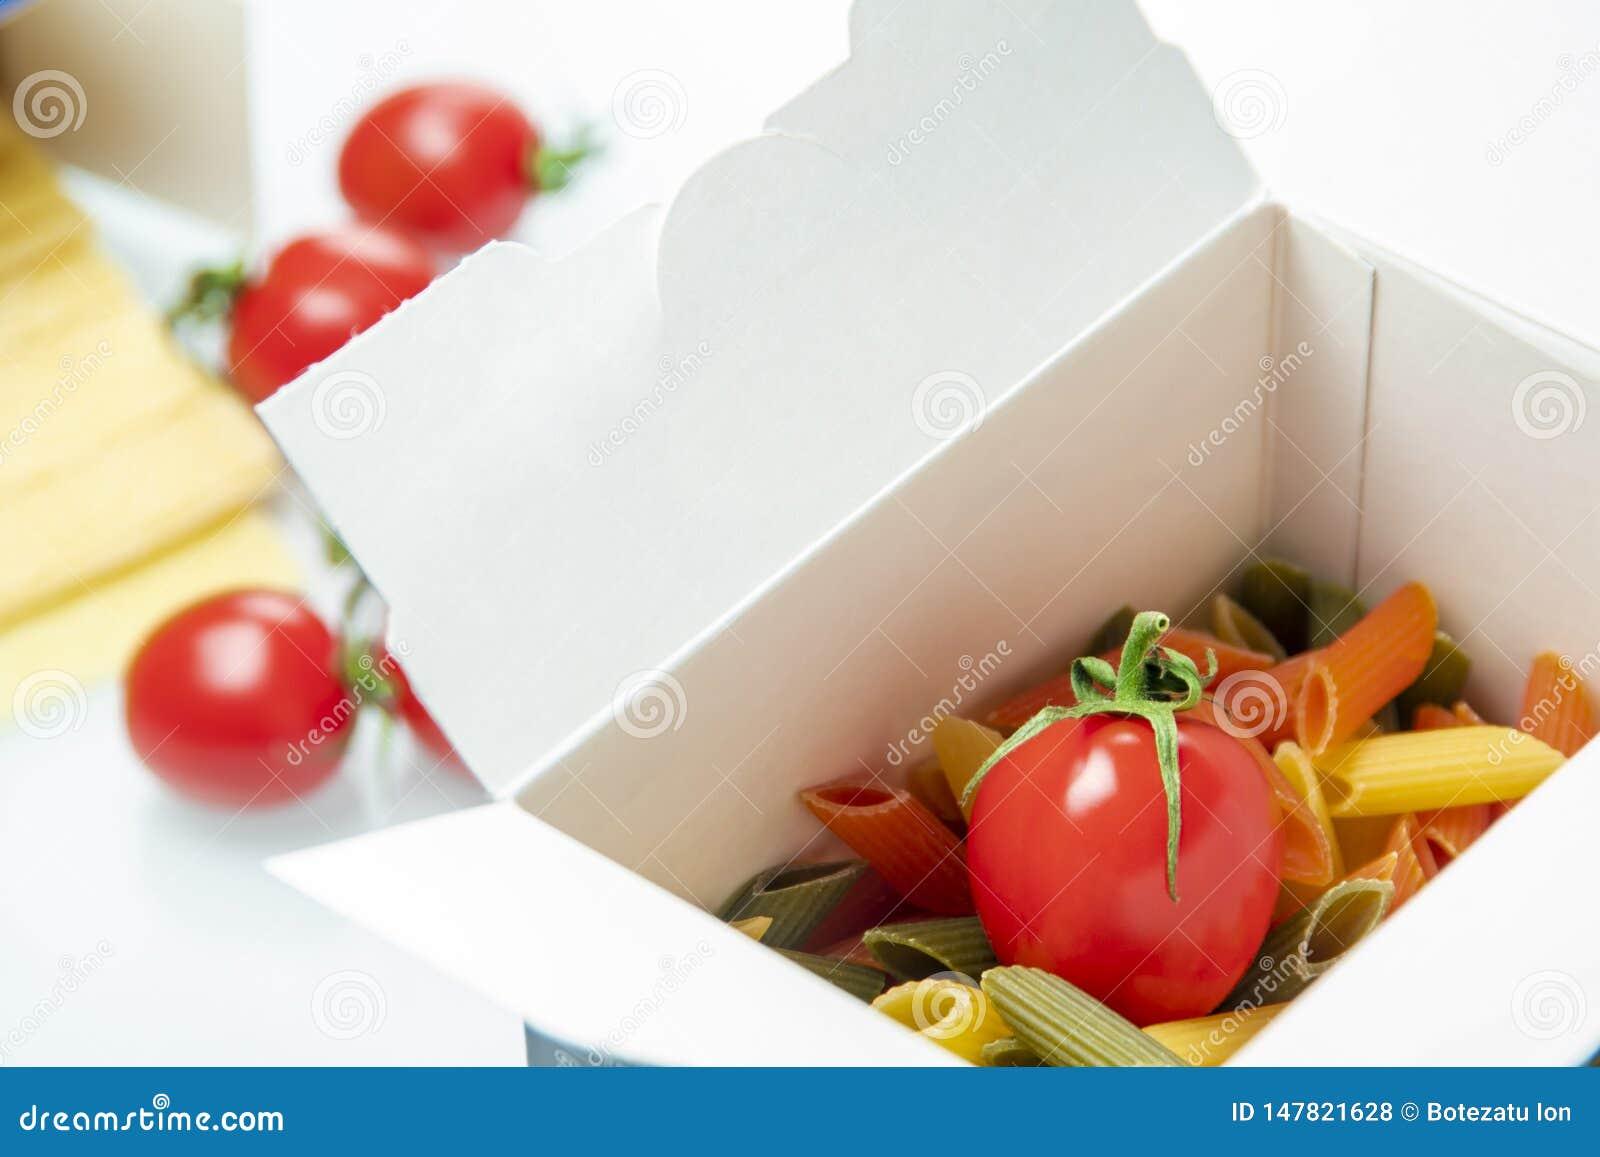 Tomato placed in a color pasta box